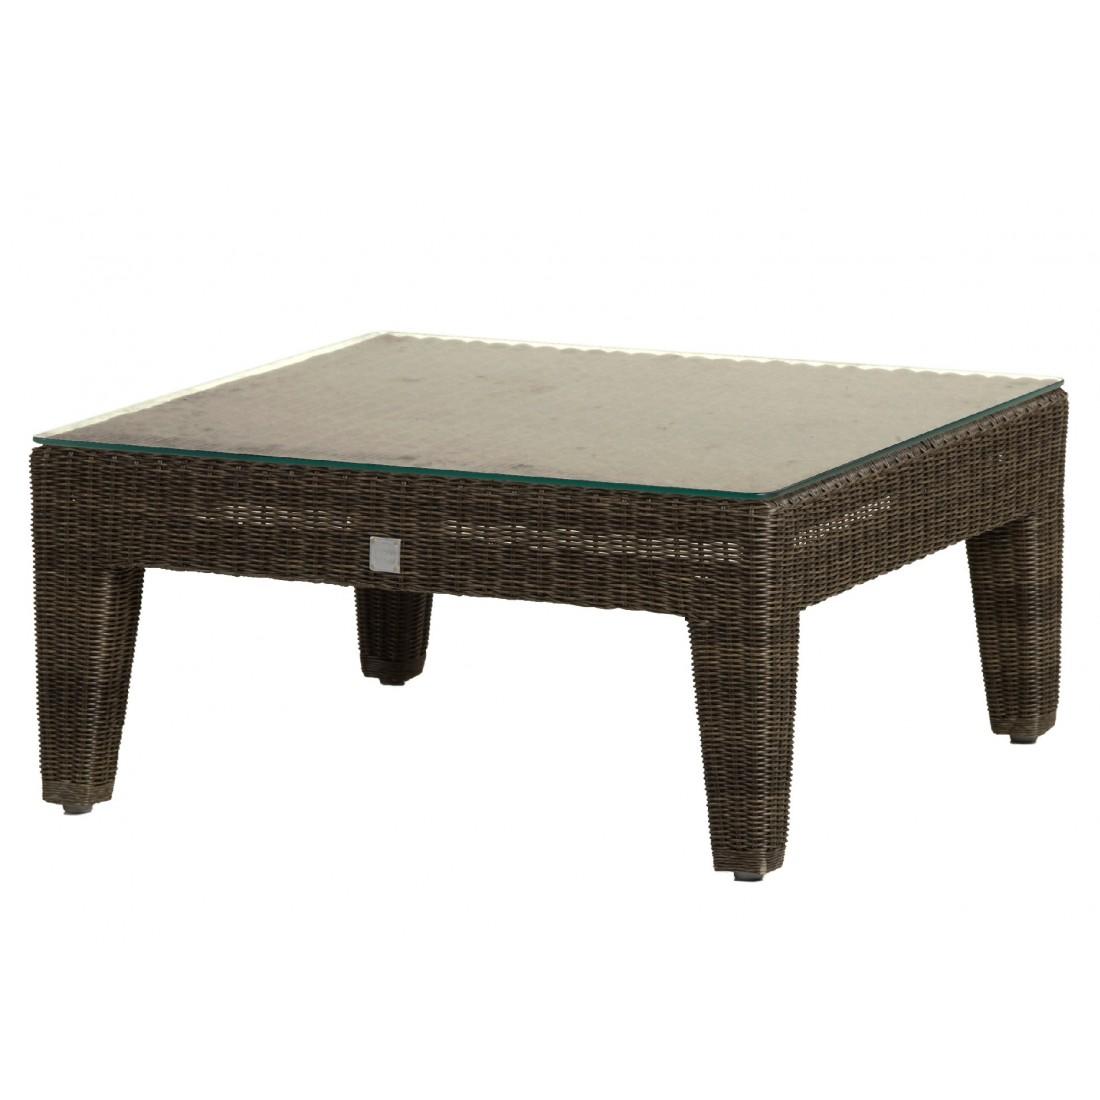 table basse de jardin carr e en r sine poivre allan. Black Bedroom Furniture Sets. Home Design Ideas